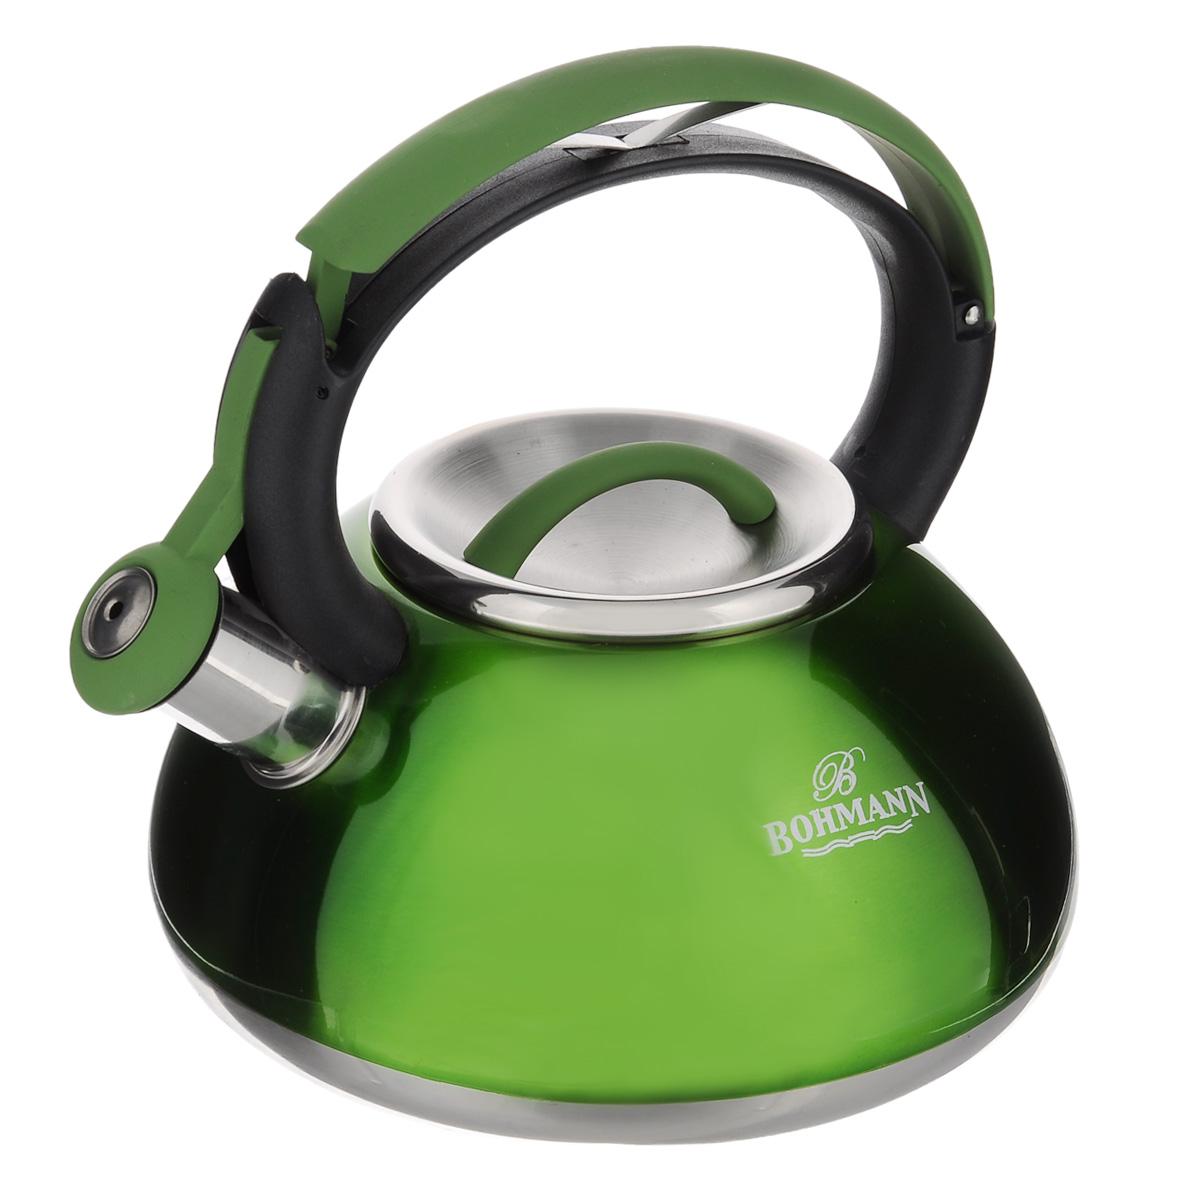 Чайник Bohmann со свистком, цвет: зеленый, 3 л. BH - 9939BH - 9939Чайник Bohmann изготовлен из высококачественной нержавеющей стали с глянцевым цветным покрытием. Фиксированная ручка изготовлена из бакелита с прорезиненным покрытием. Носик чайника оснащен откидным свистком, звуковой сигнал которого подскажет, когда закипит вода. Свисток открывается нажатием на ручку. Чайник Bohmann - качественное исполнение и стильное решение для вашей кухни. Подходит для использования на газовых, стеклокерамических, электрических, галогеновых плитах, не пригоден для индукционных плит. Также изделие можно мыть в посудомоечной машине. Высота чайника (без учета ручки и крышки): 10,5 см. Высота чайника (с учетом ручки): 22 см. Диаметр основания чайника: 21 см.